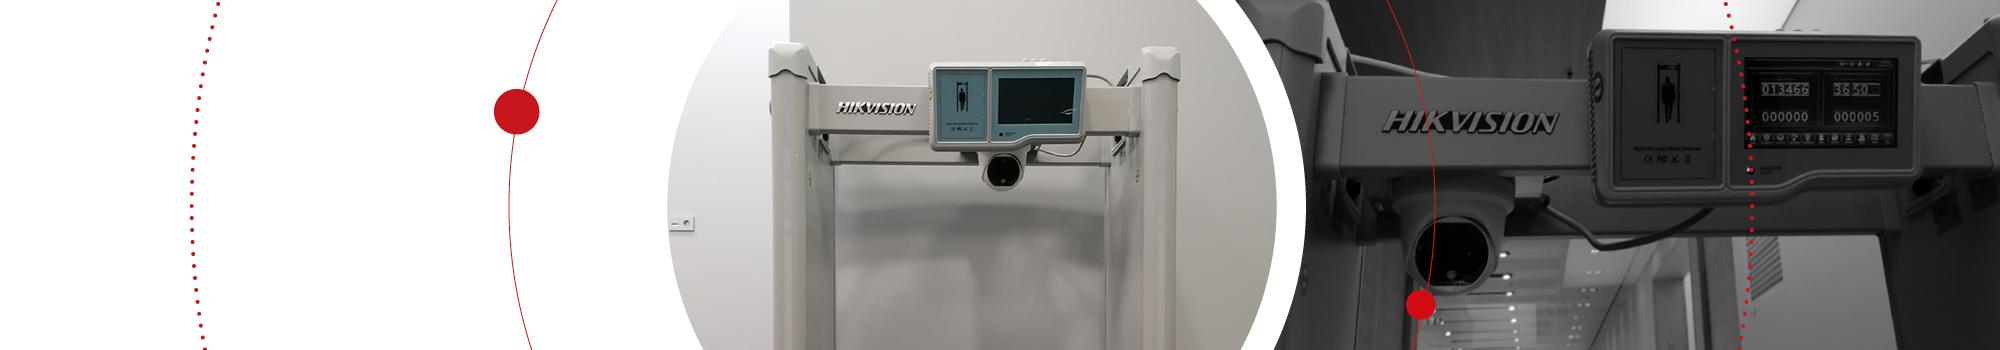 Компания Hikvision установила рамки металлодетектора со встроенным тепловизором в бизнес-центре «Кругозор»